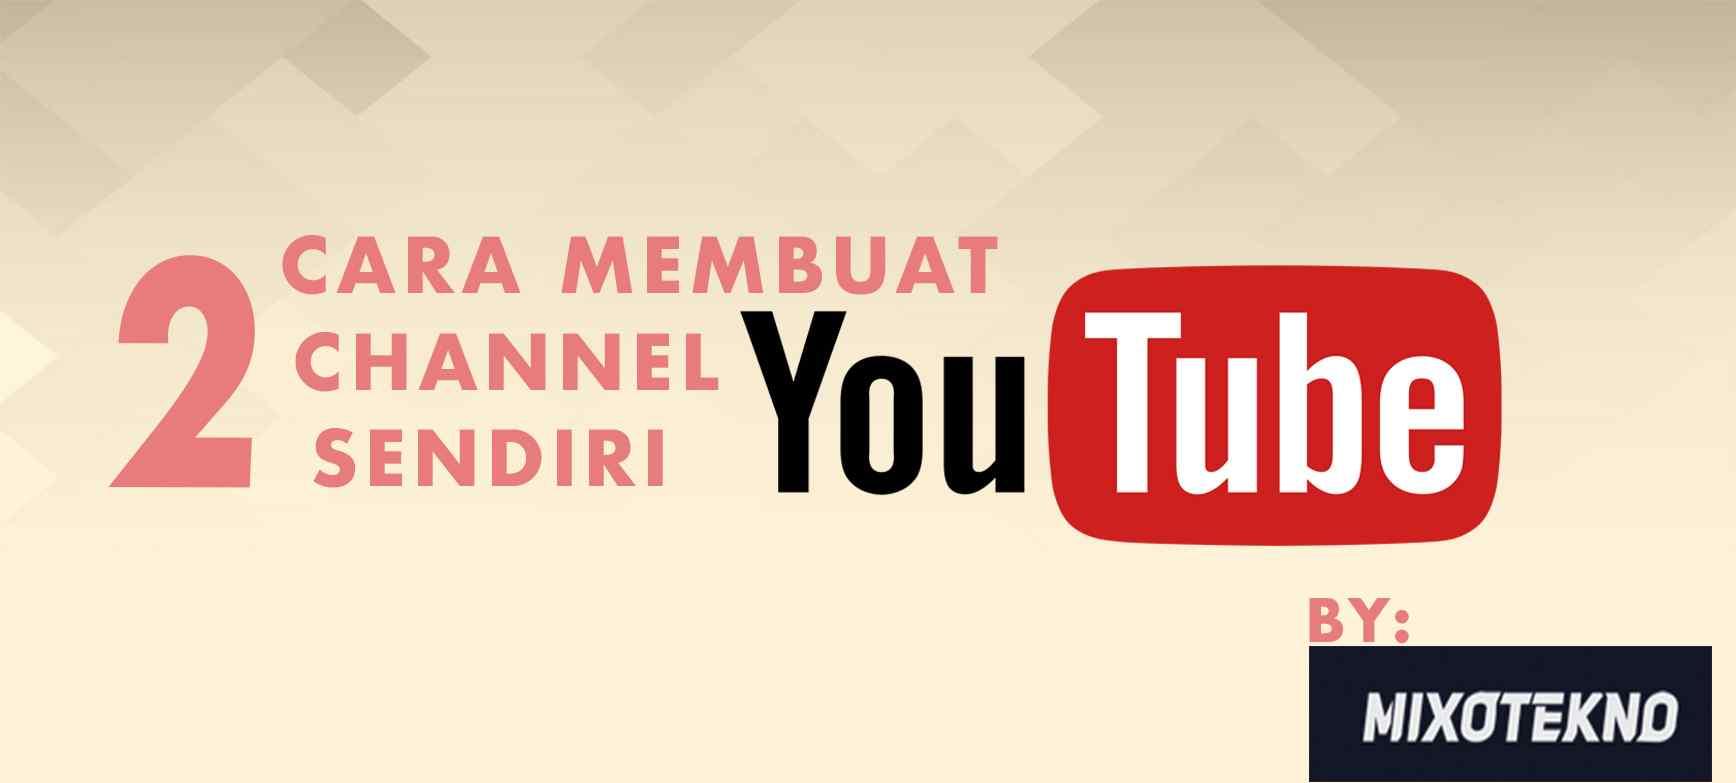 Cara membuat channel youtube sendiri